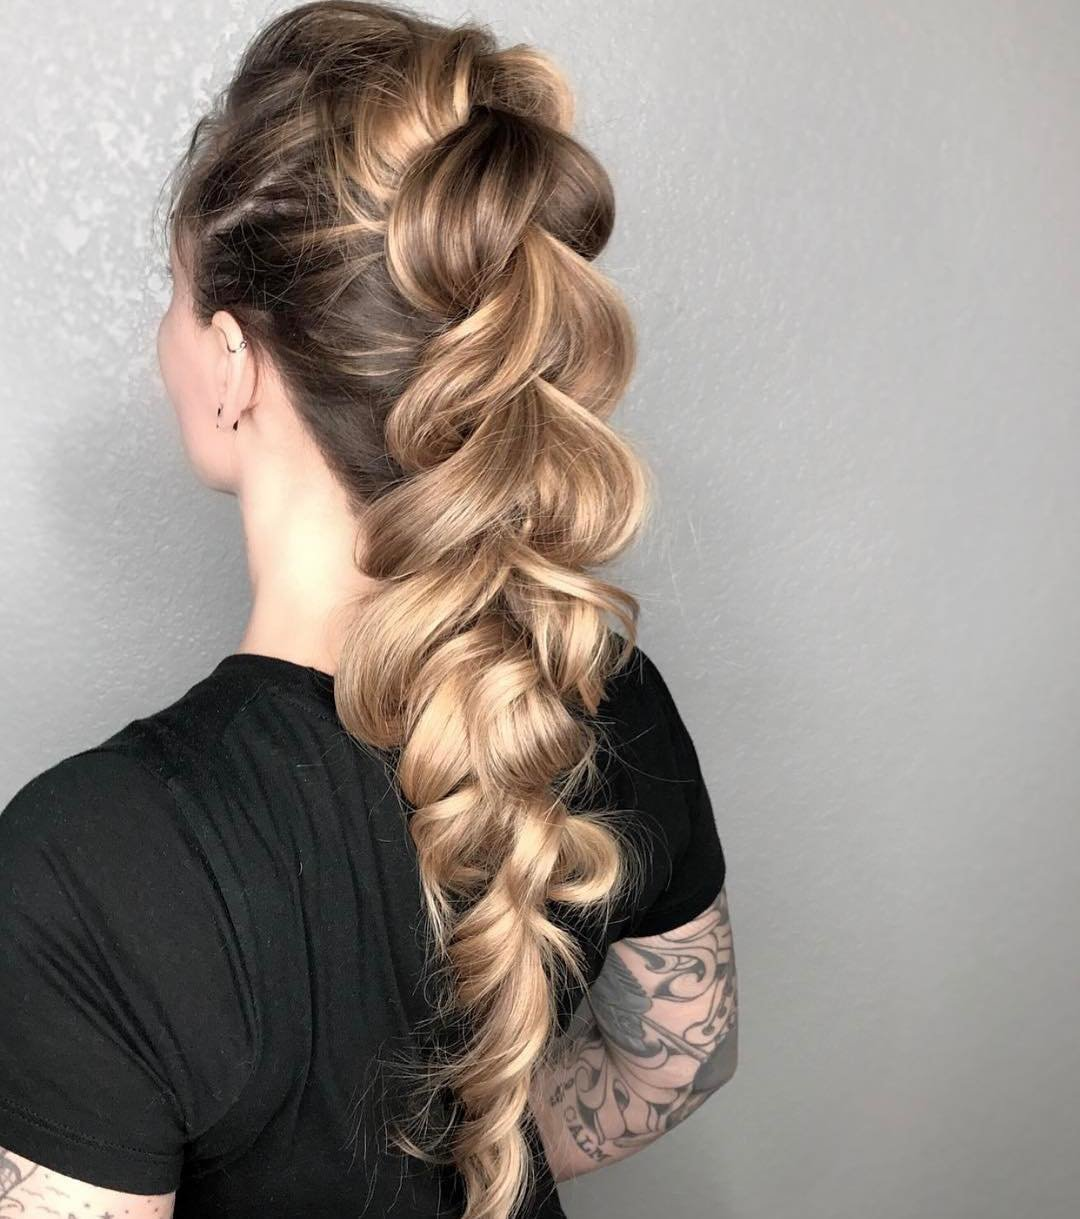 знак плетения для длинных волос с картинками этом